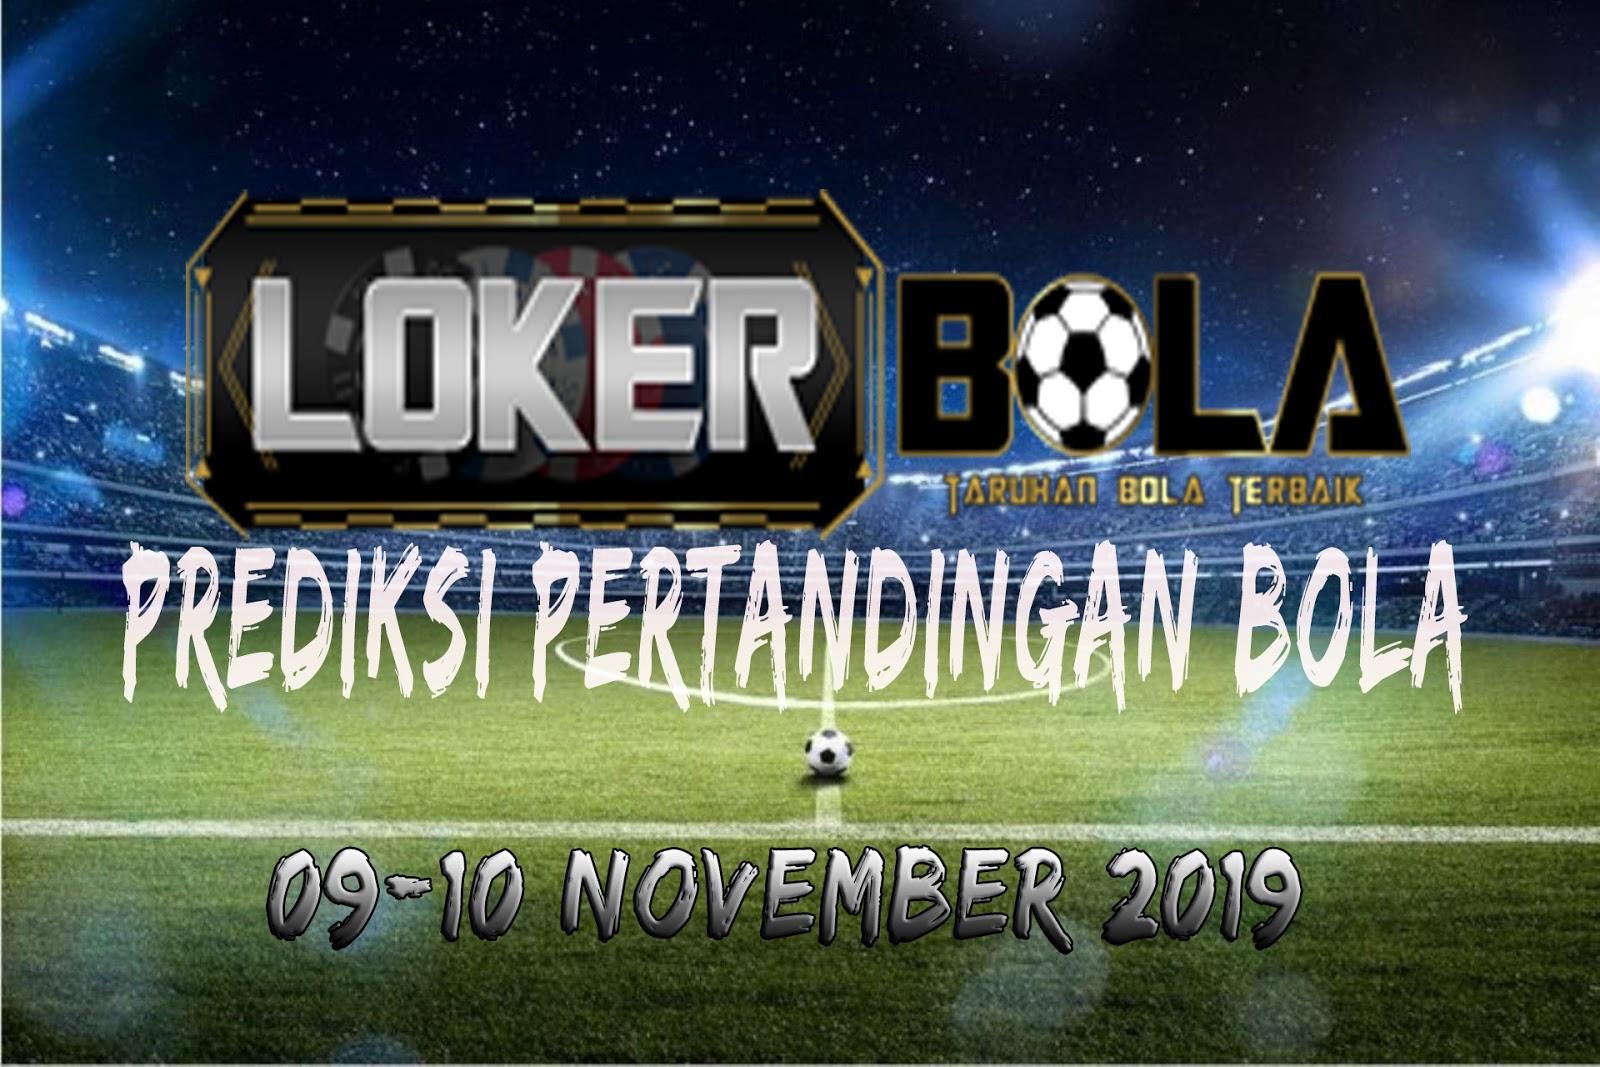 PREDIKSI PERTANDINGAN BOLA 09 – 10 NOVEMBER 2019